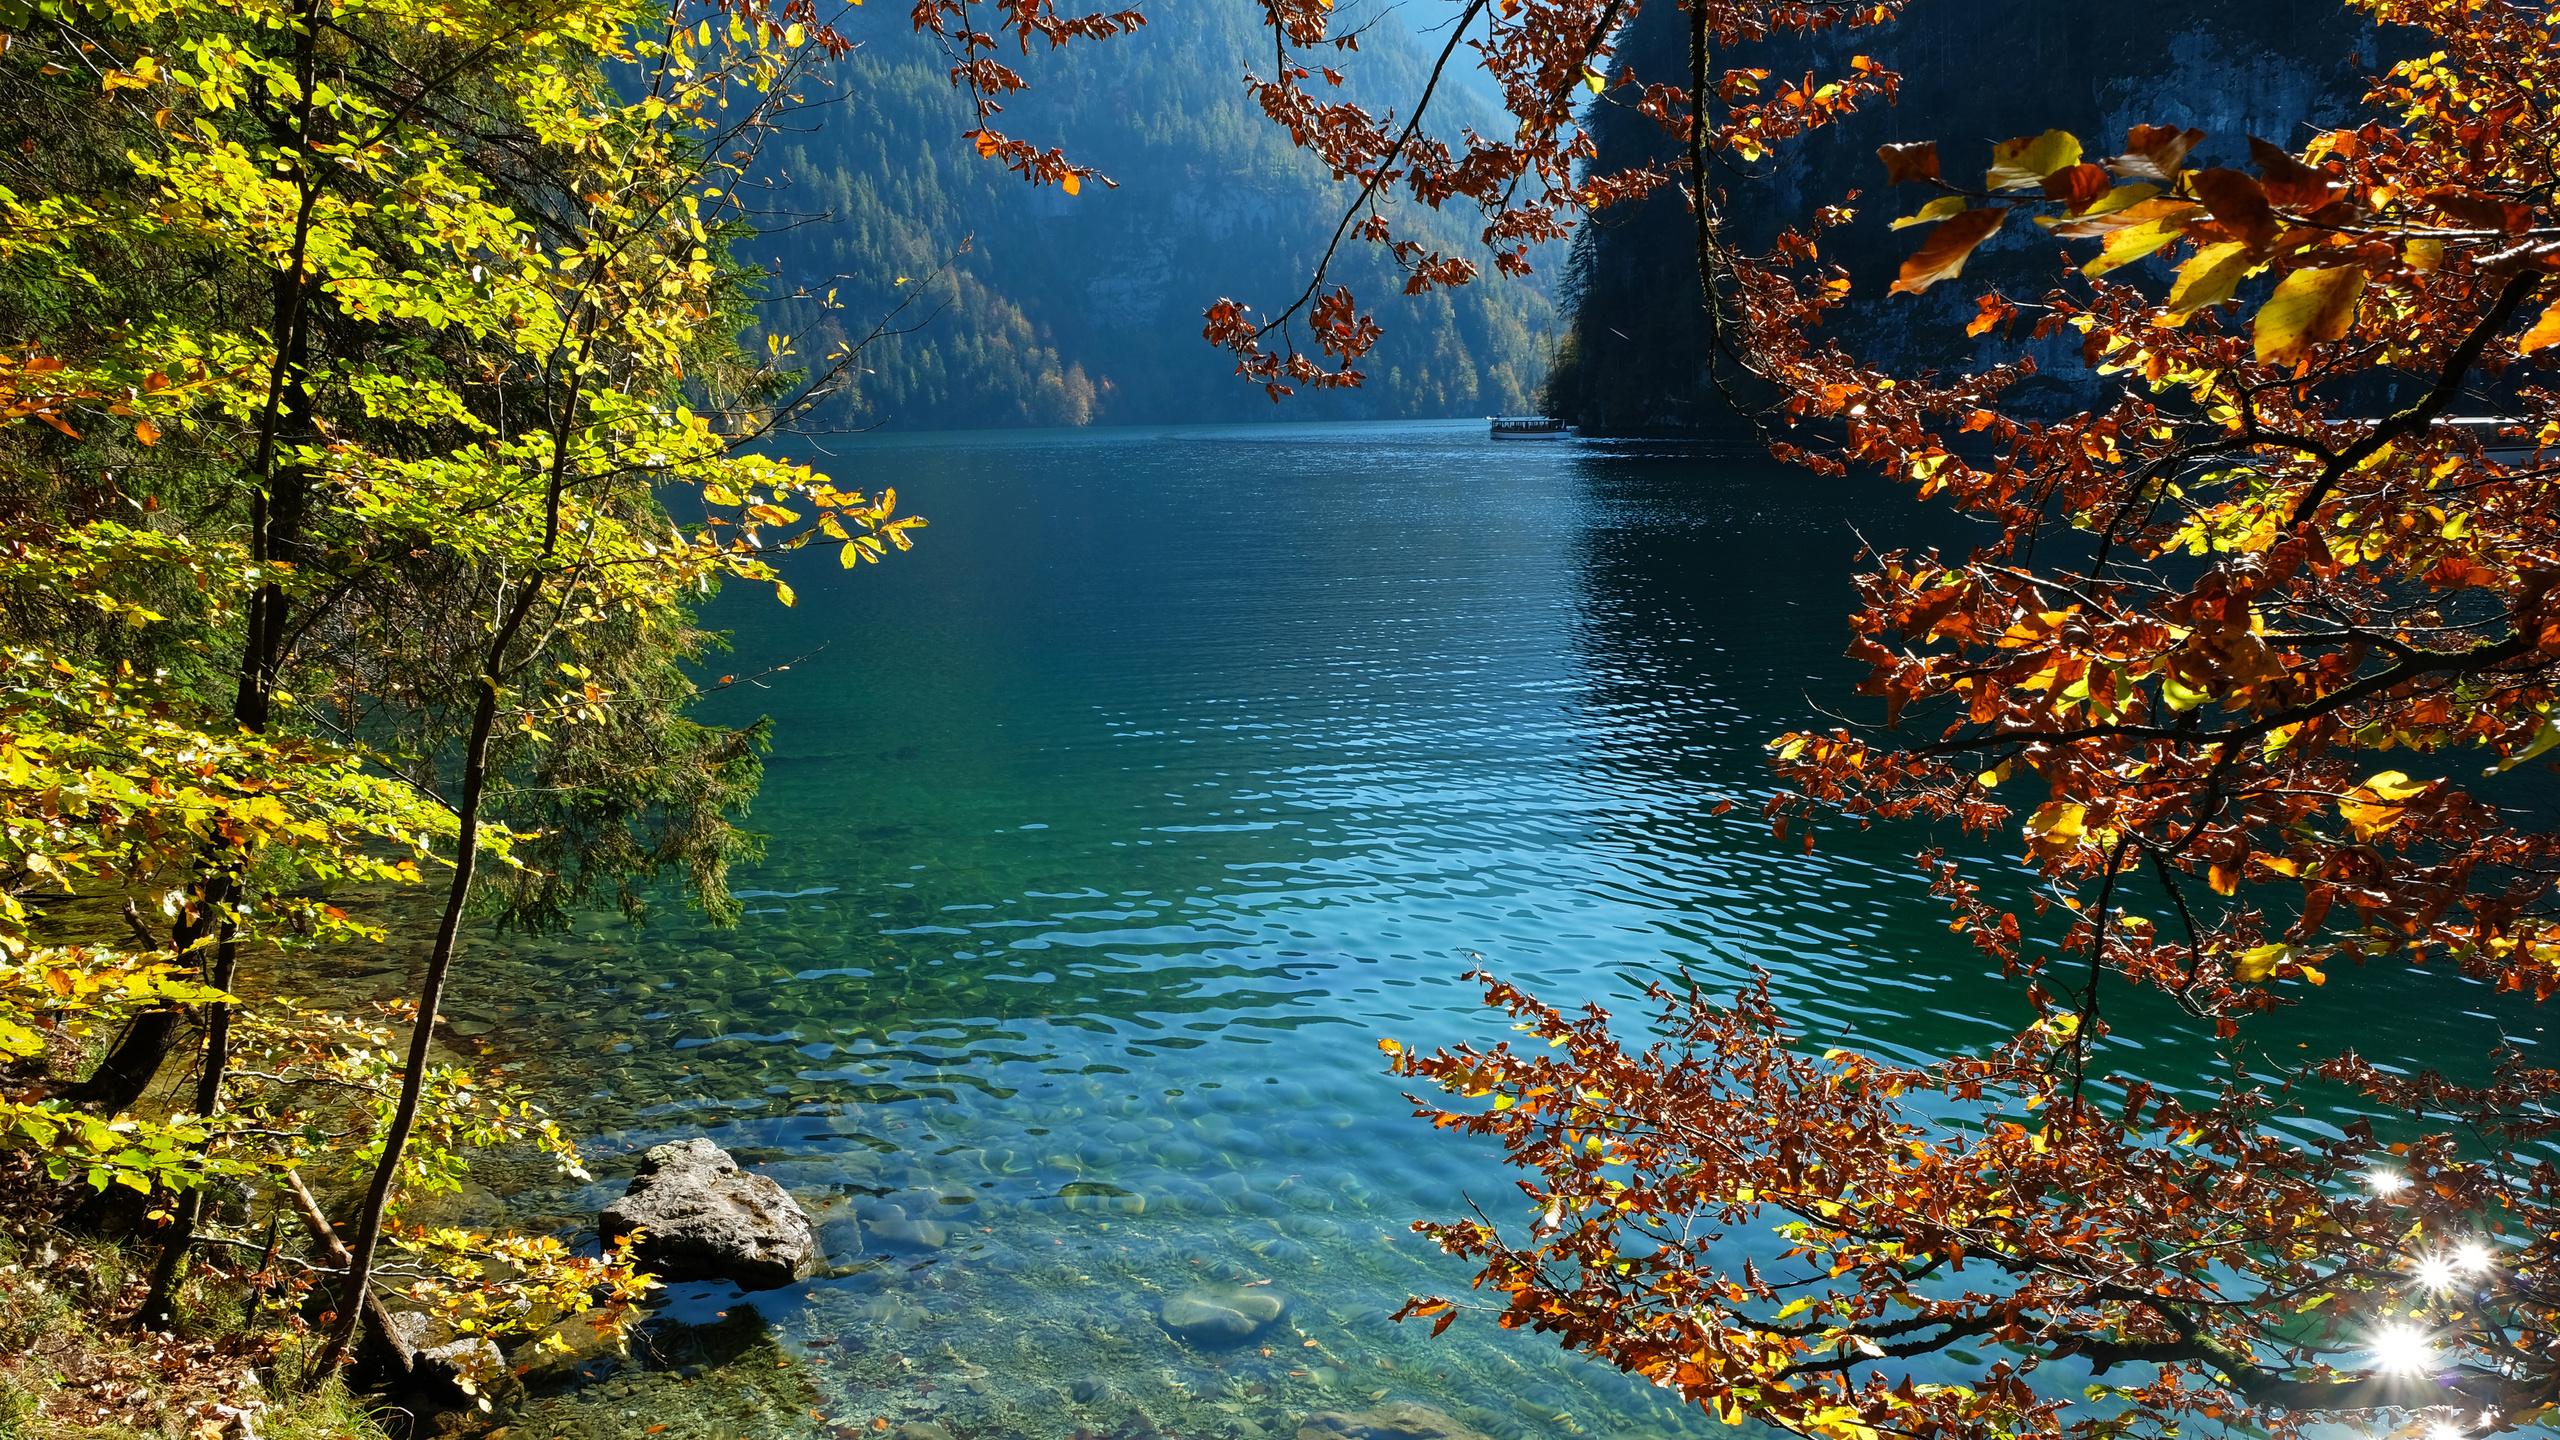 германия, озеро, осень, камни, konigsee, ветки, природа